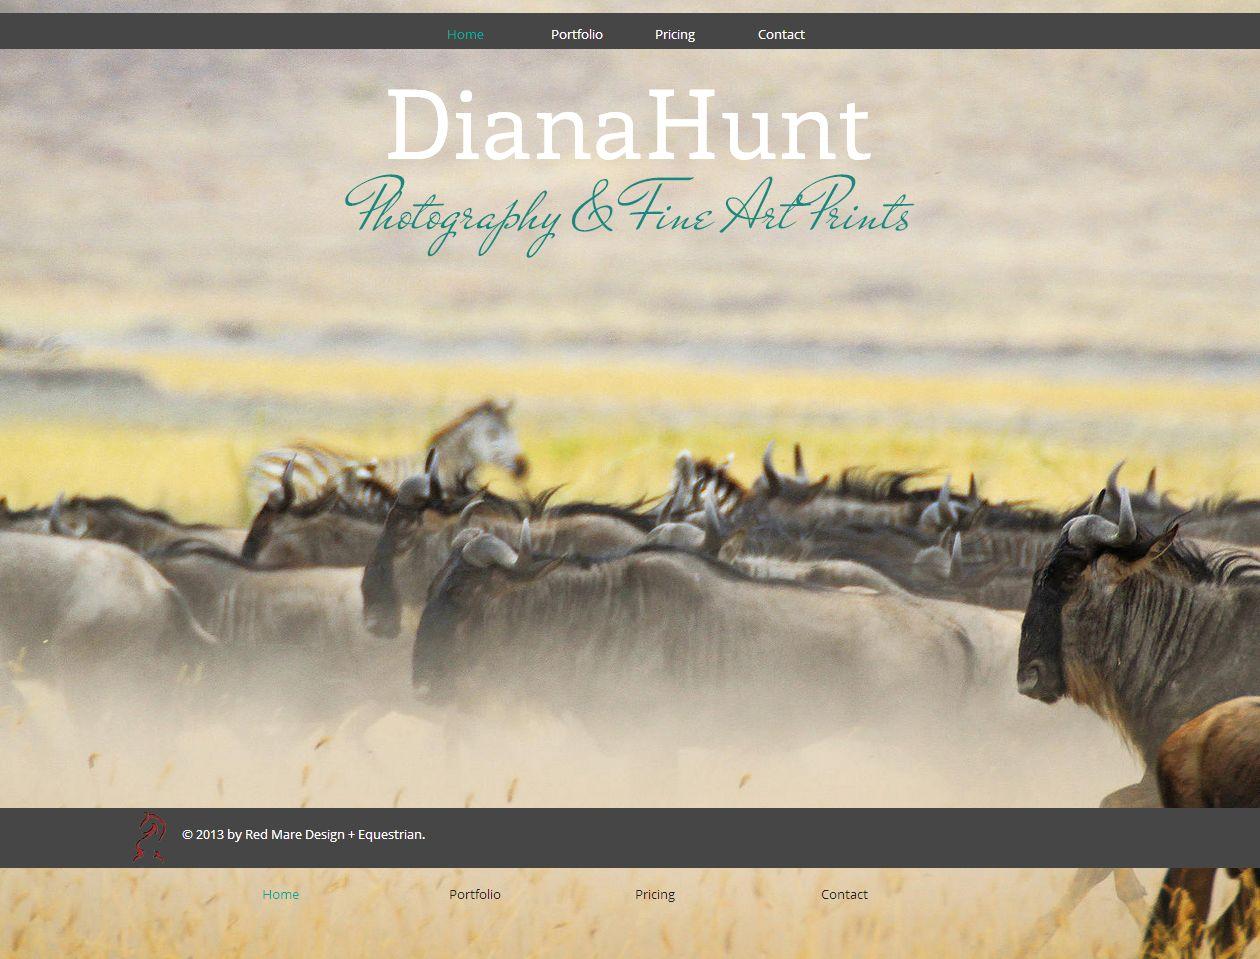 2013.8.28. DianaHunt